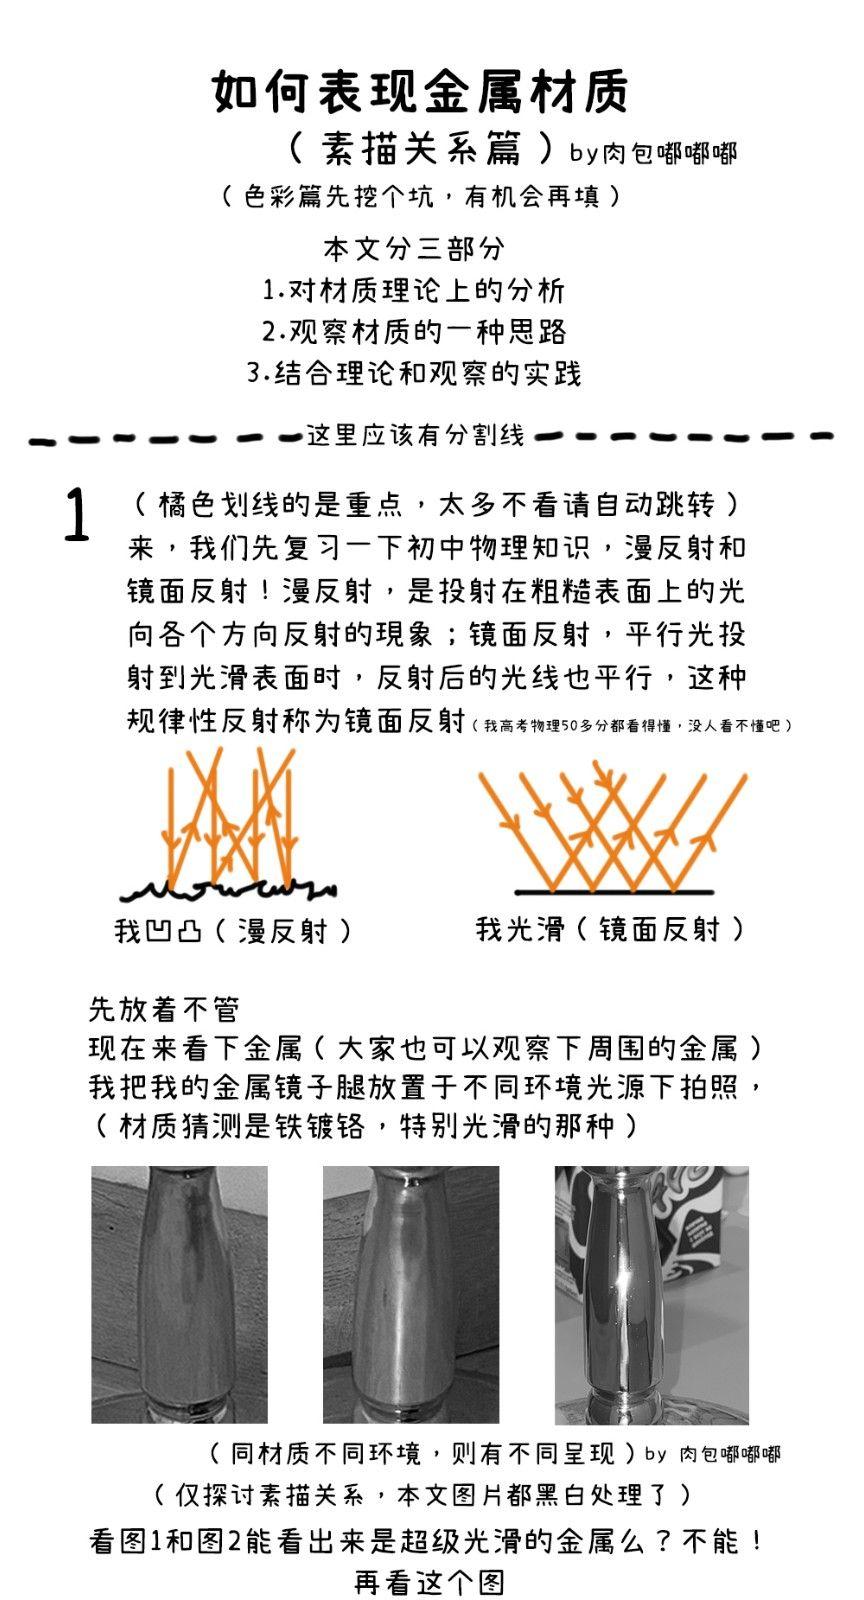 如何表现金属材质(素描篇)1-1.jpg